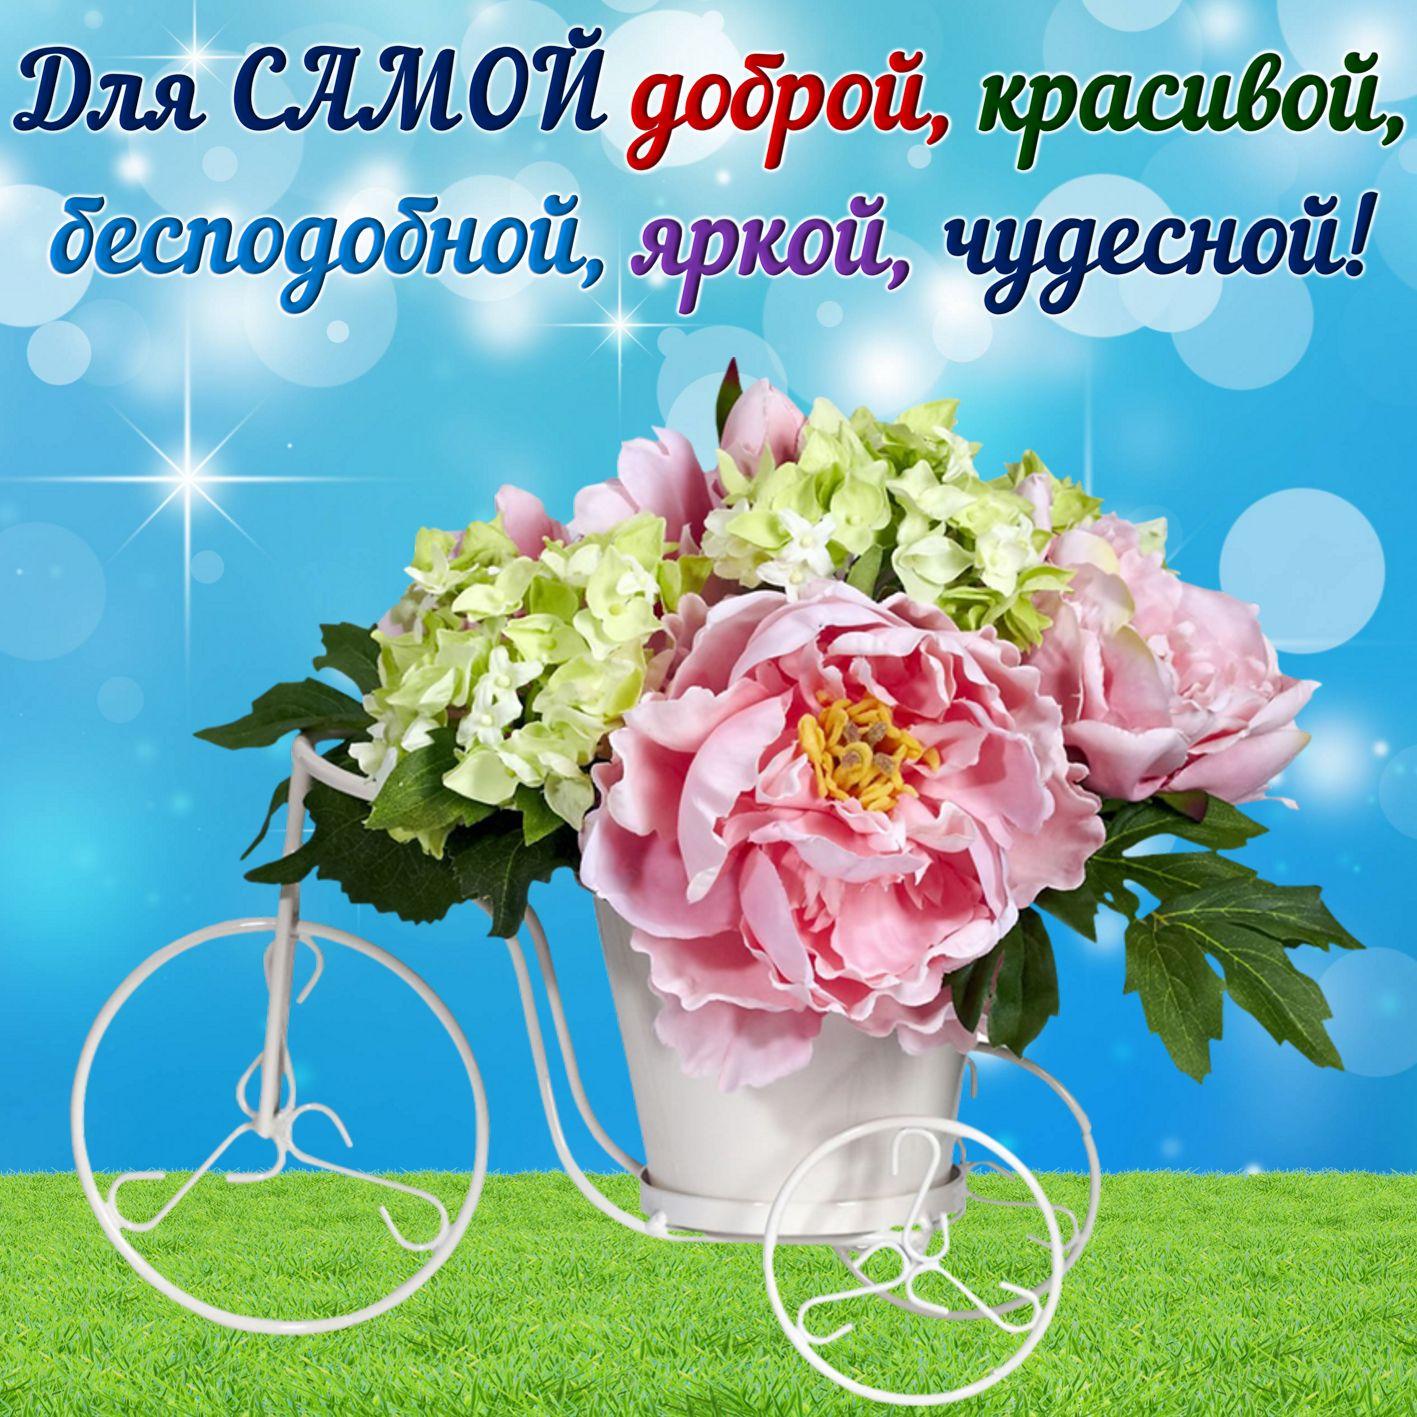 Цветы и пожелания картинки красивые, машине картинки смешные